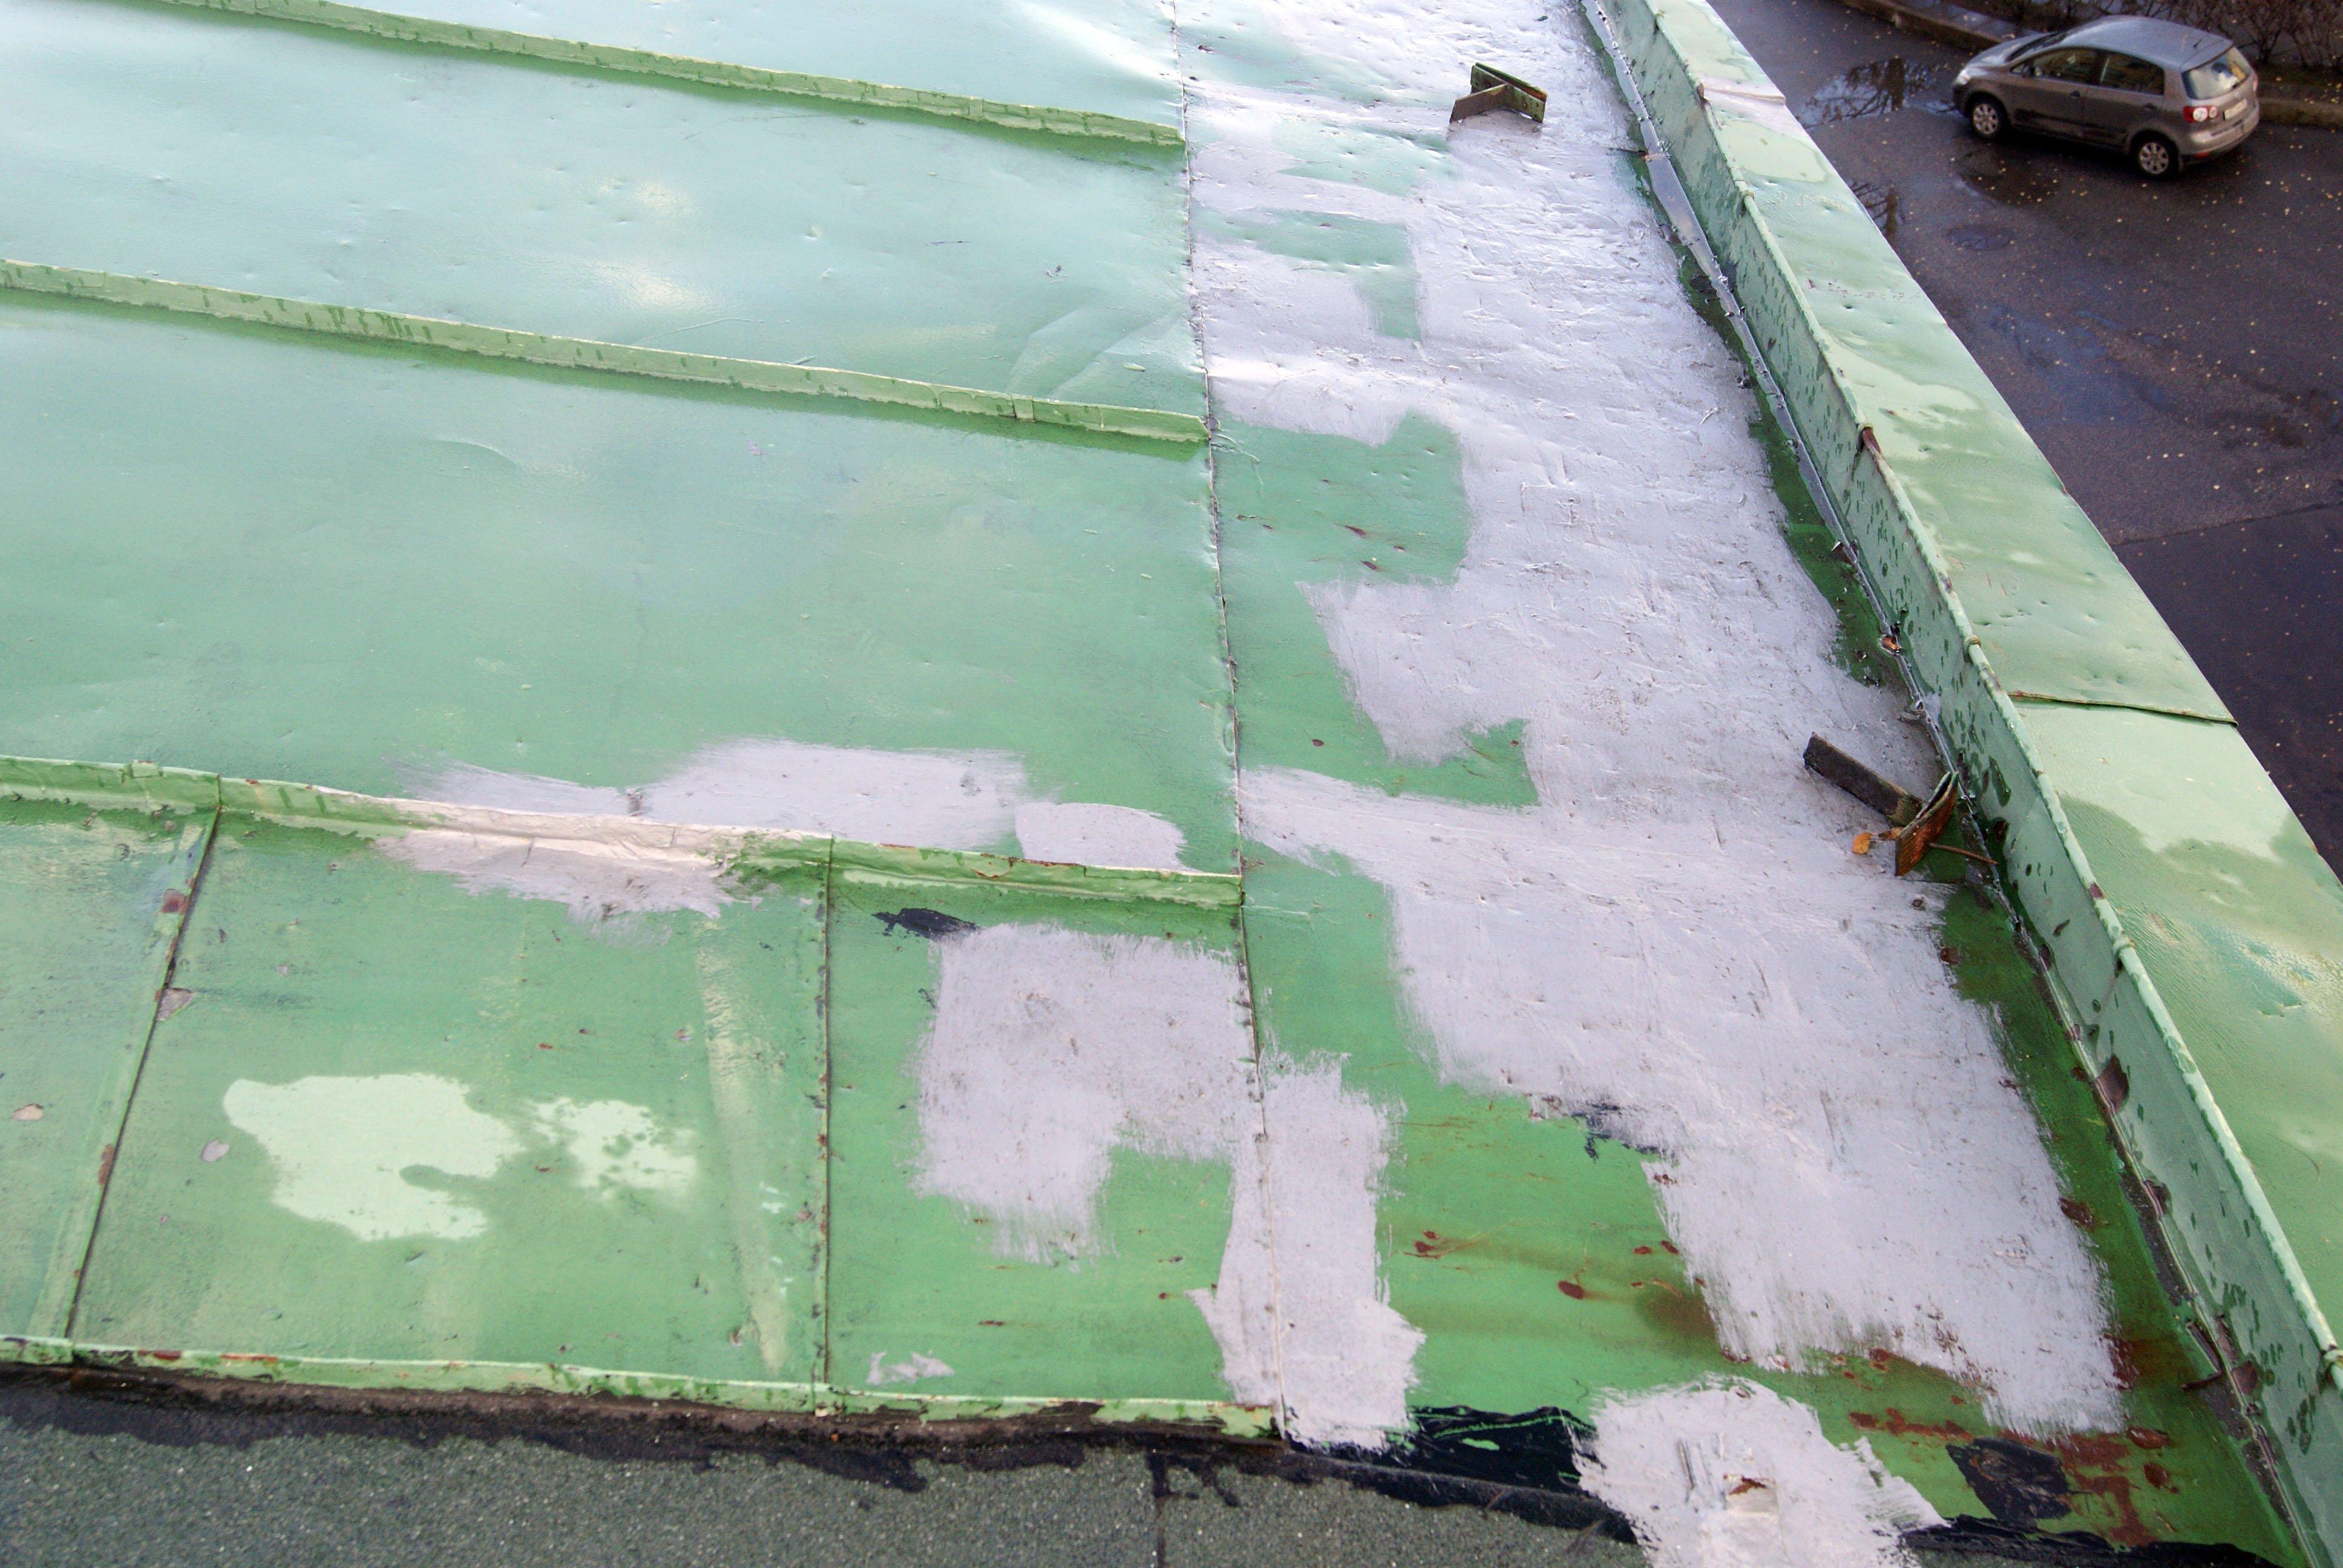 ВЖуковскомУК заделывает дыры накрыше дома полиэтиленовыми пакетами